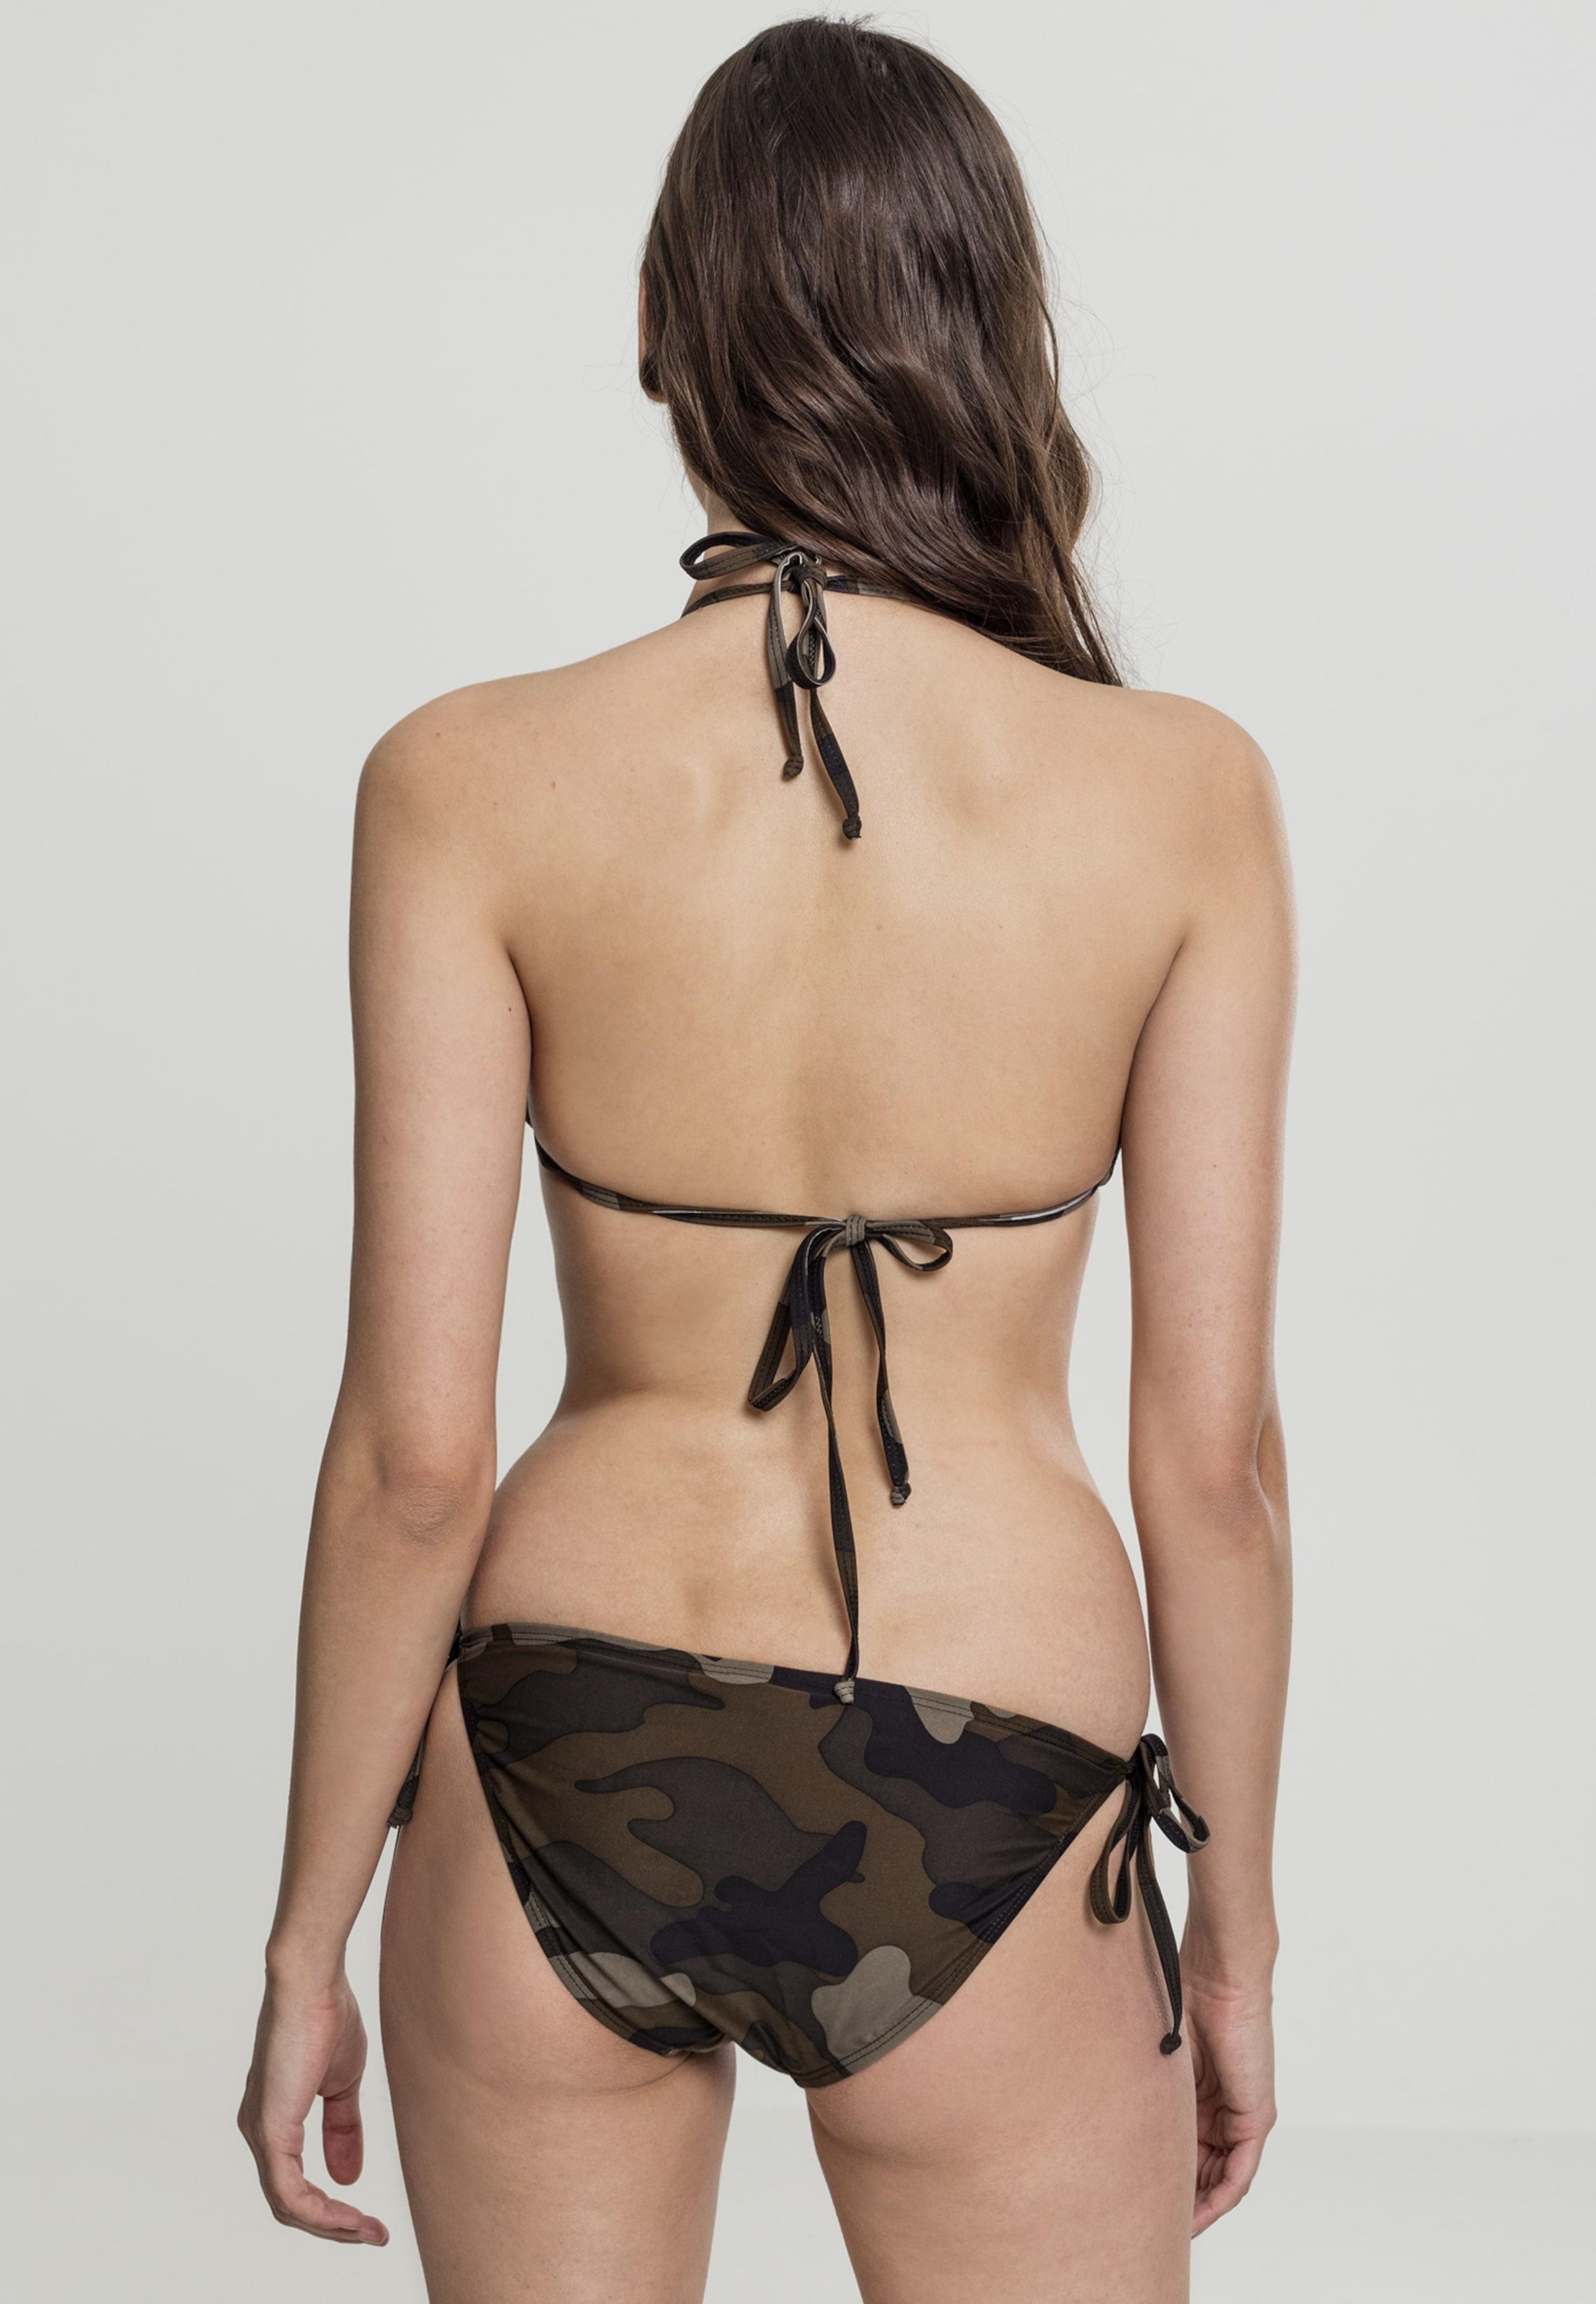 Dunkelbraun Classics Bikini DunkelbeigeBraun 'ladies Urban Schwarz Camo' In A34qRjSc5L